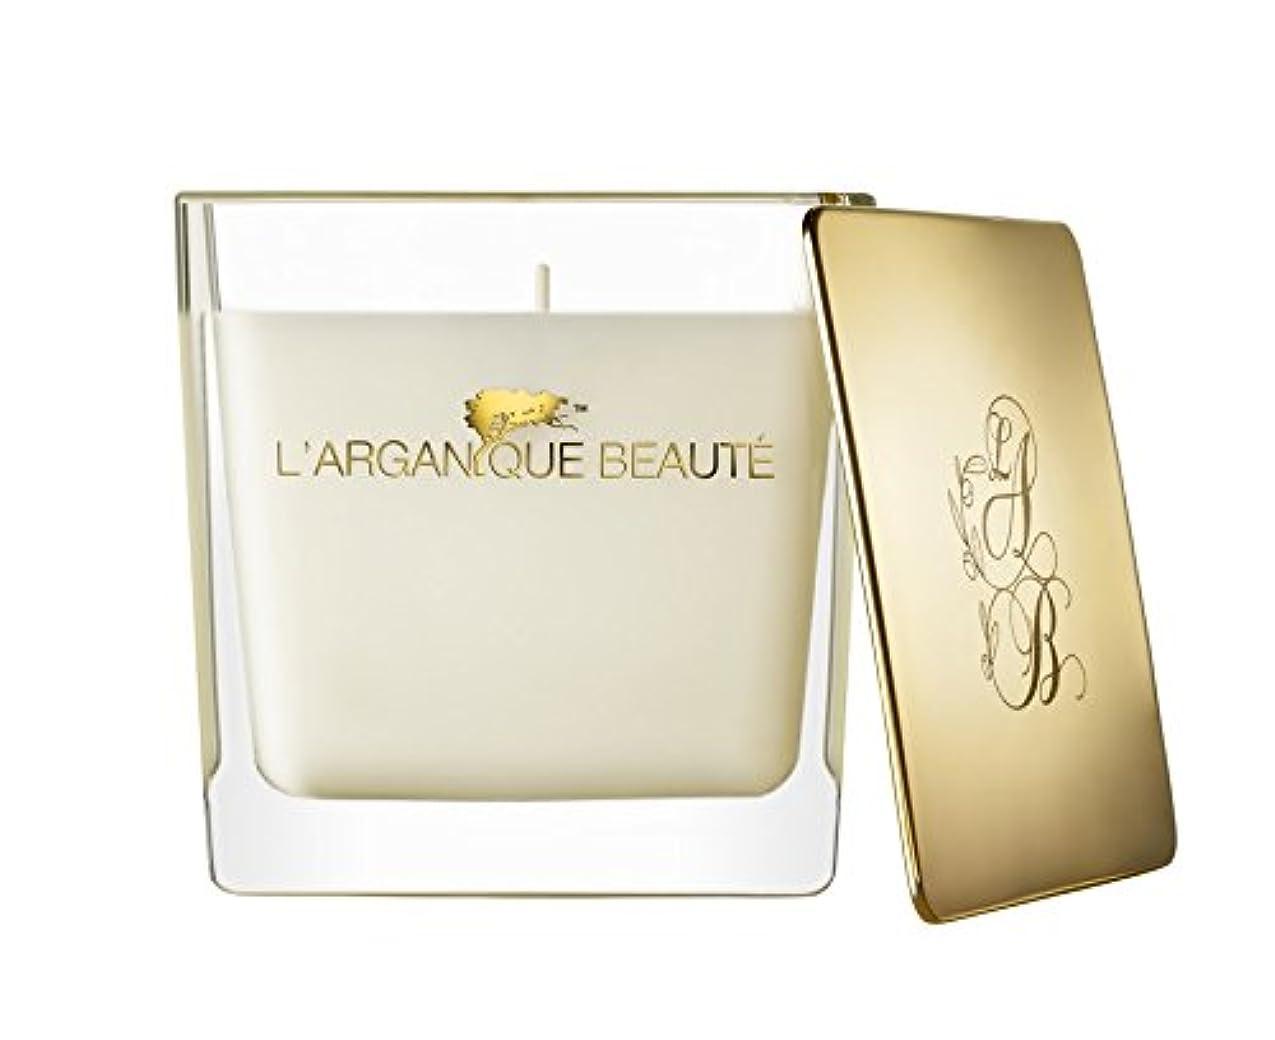 地中海霧わかりやすいL 'arganique Beaute Luxury Scented Candle、Perfumed香りSpa Candle – Made w/100 %大豆ワックス、鉛フリーWick、純粋なモロッコアルガンオイルEssence...